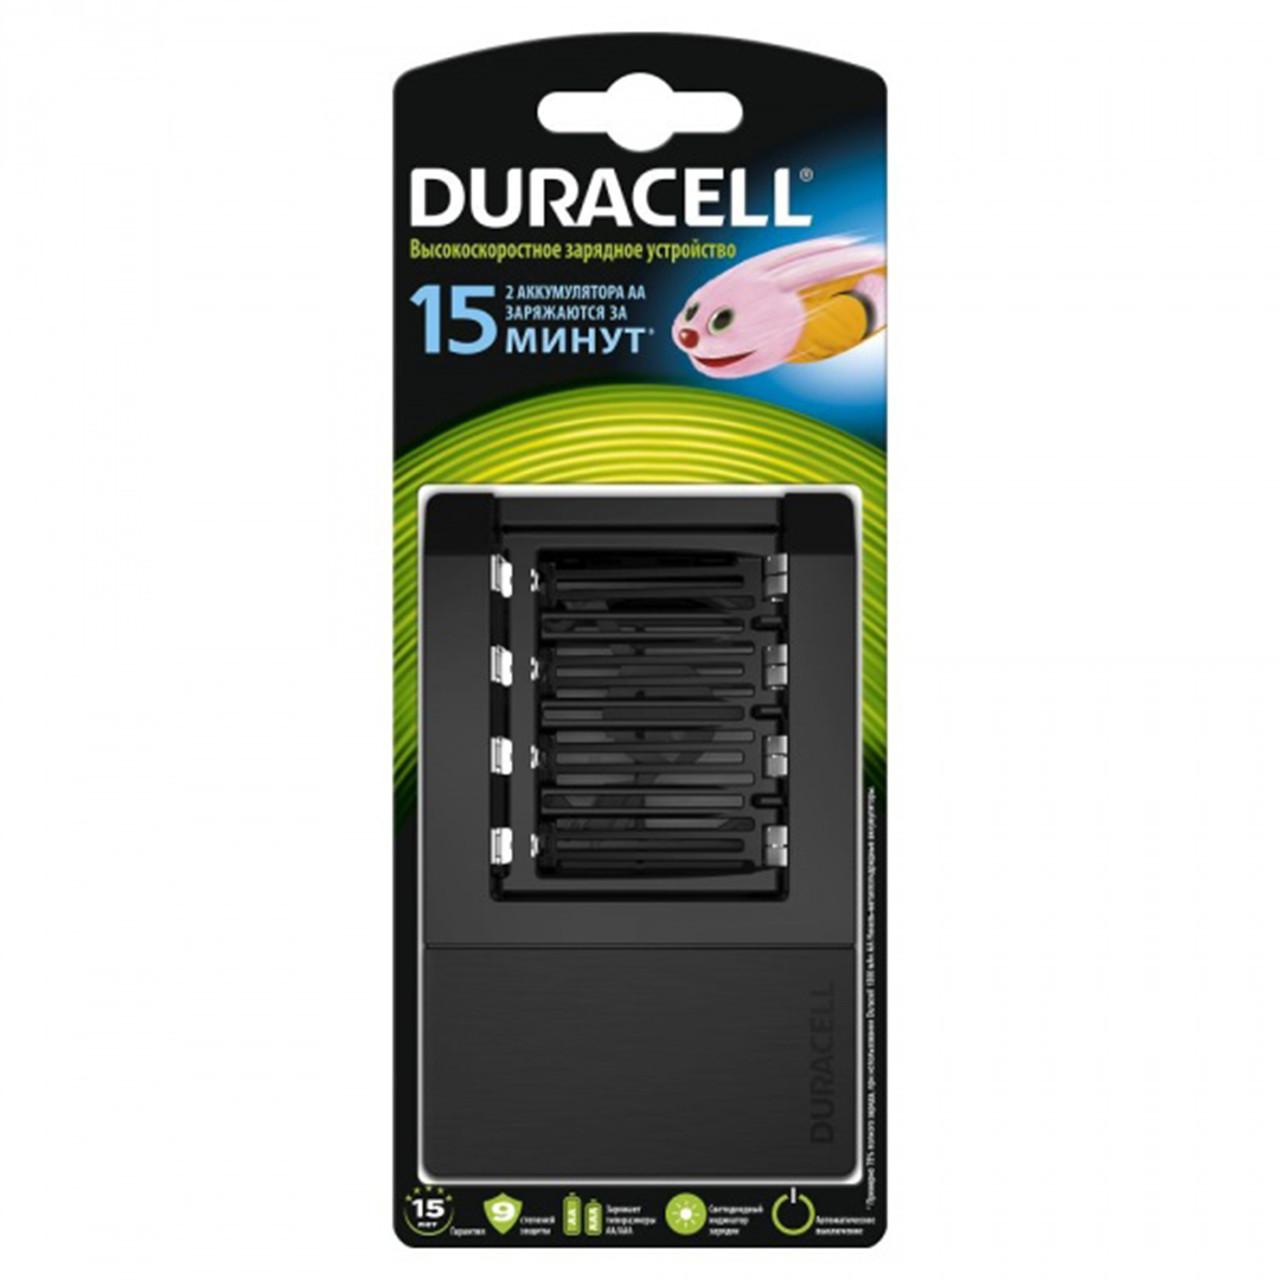 Сверхбыстрое зарядное устройство DURACELL CEF15 BL1